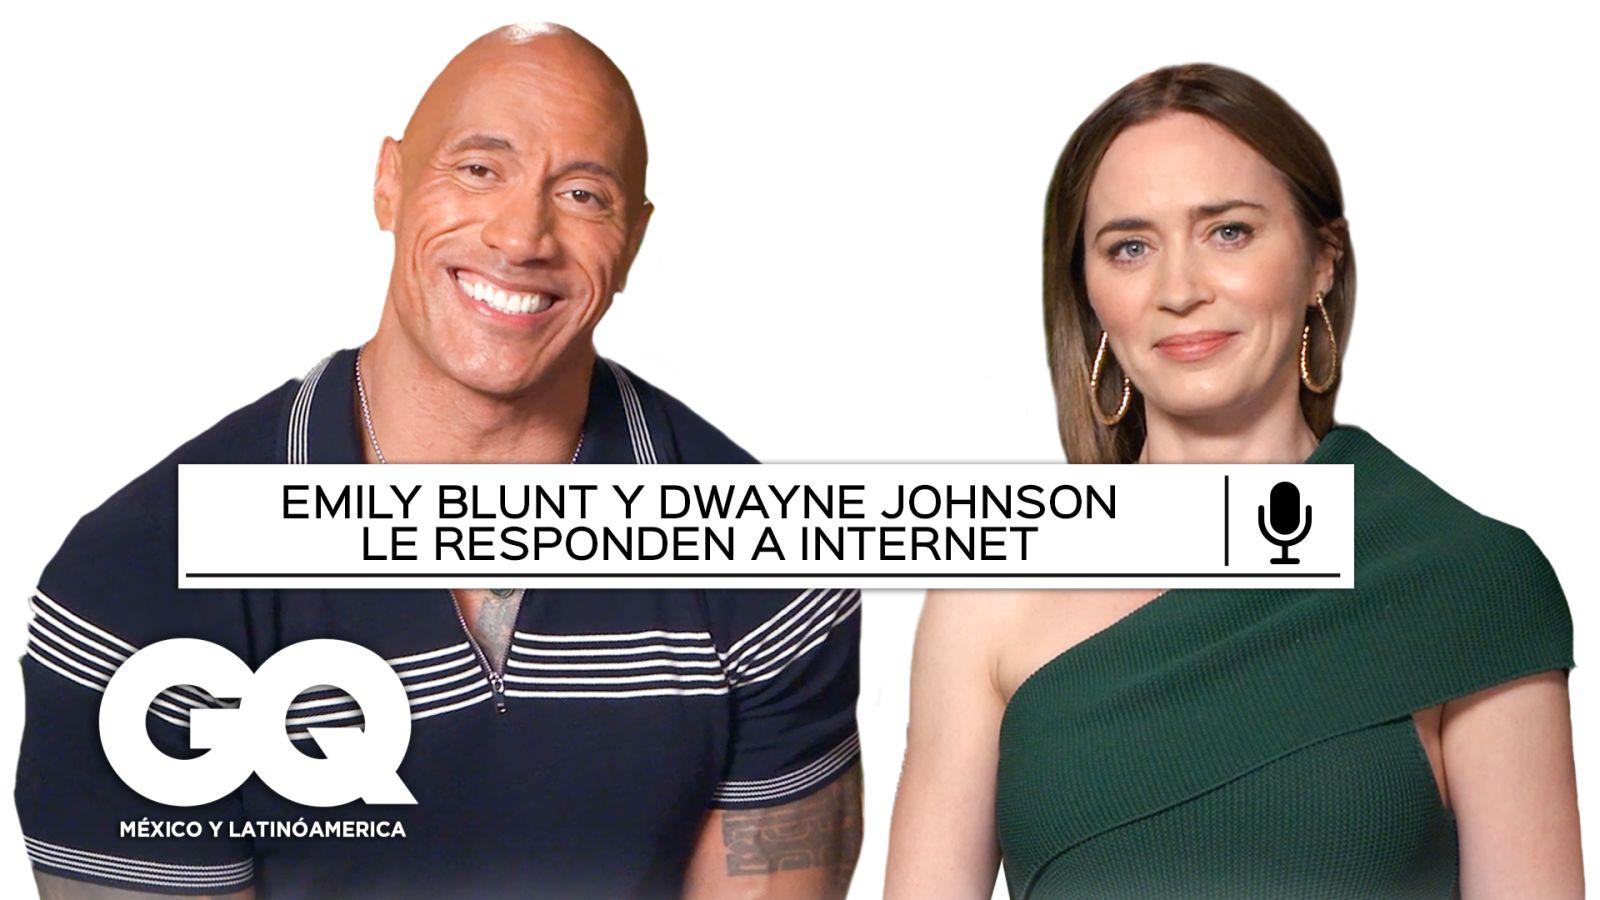 Emily Blunt y Dwayne Johnson responden las preguntas más populares de Google